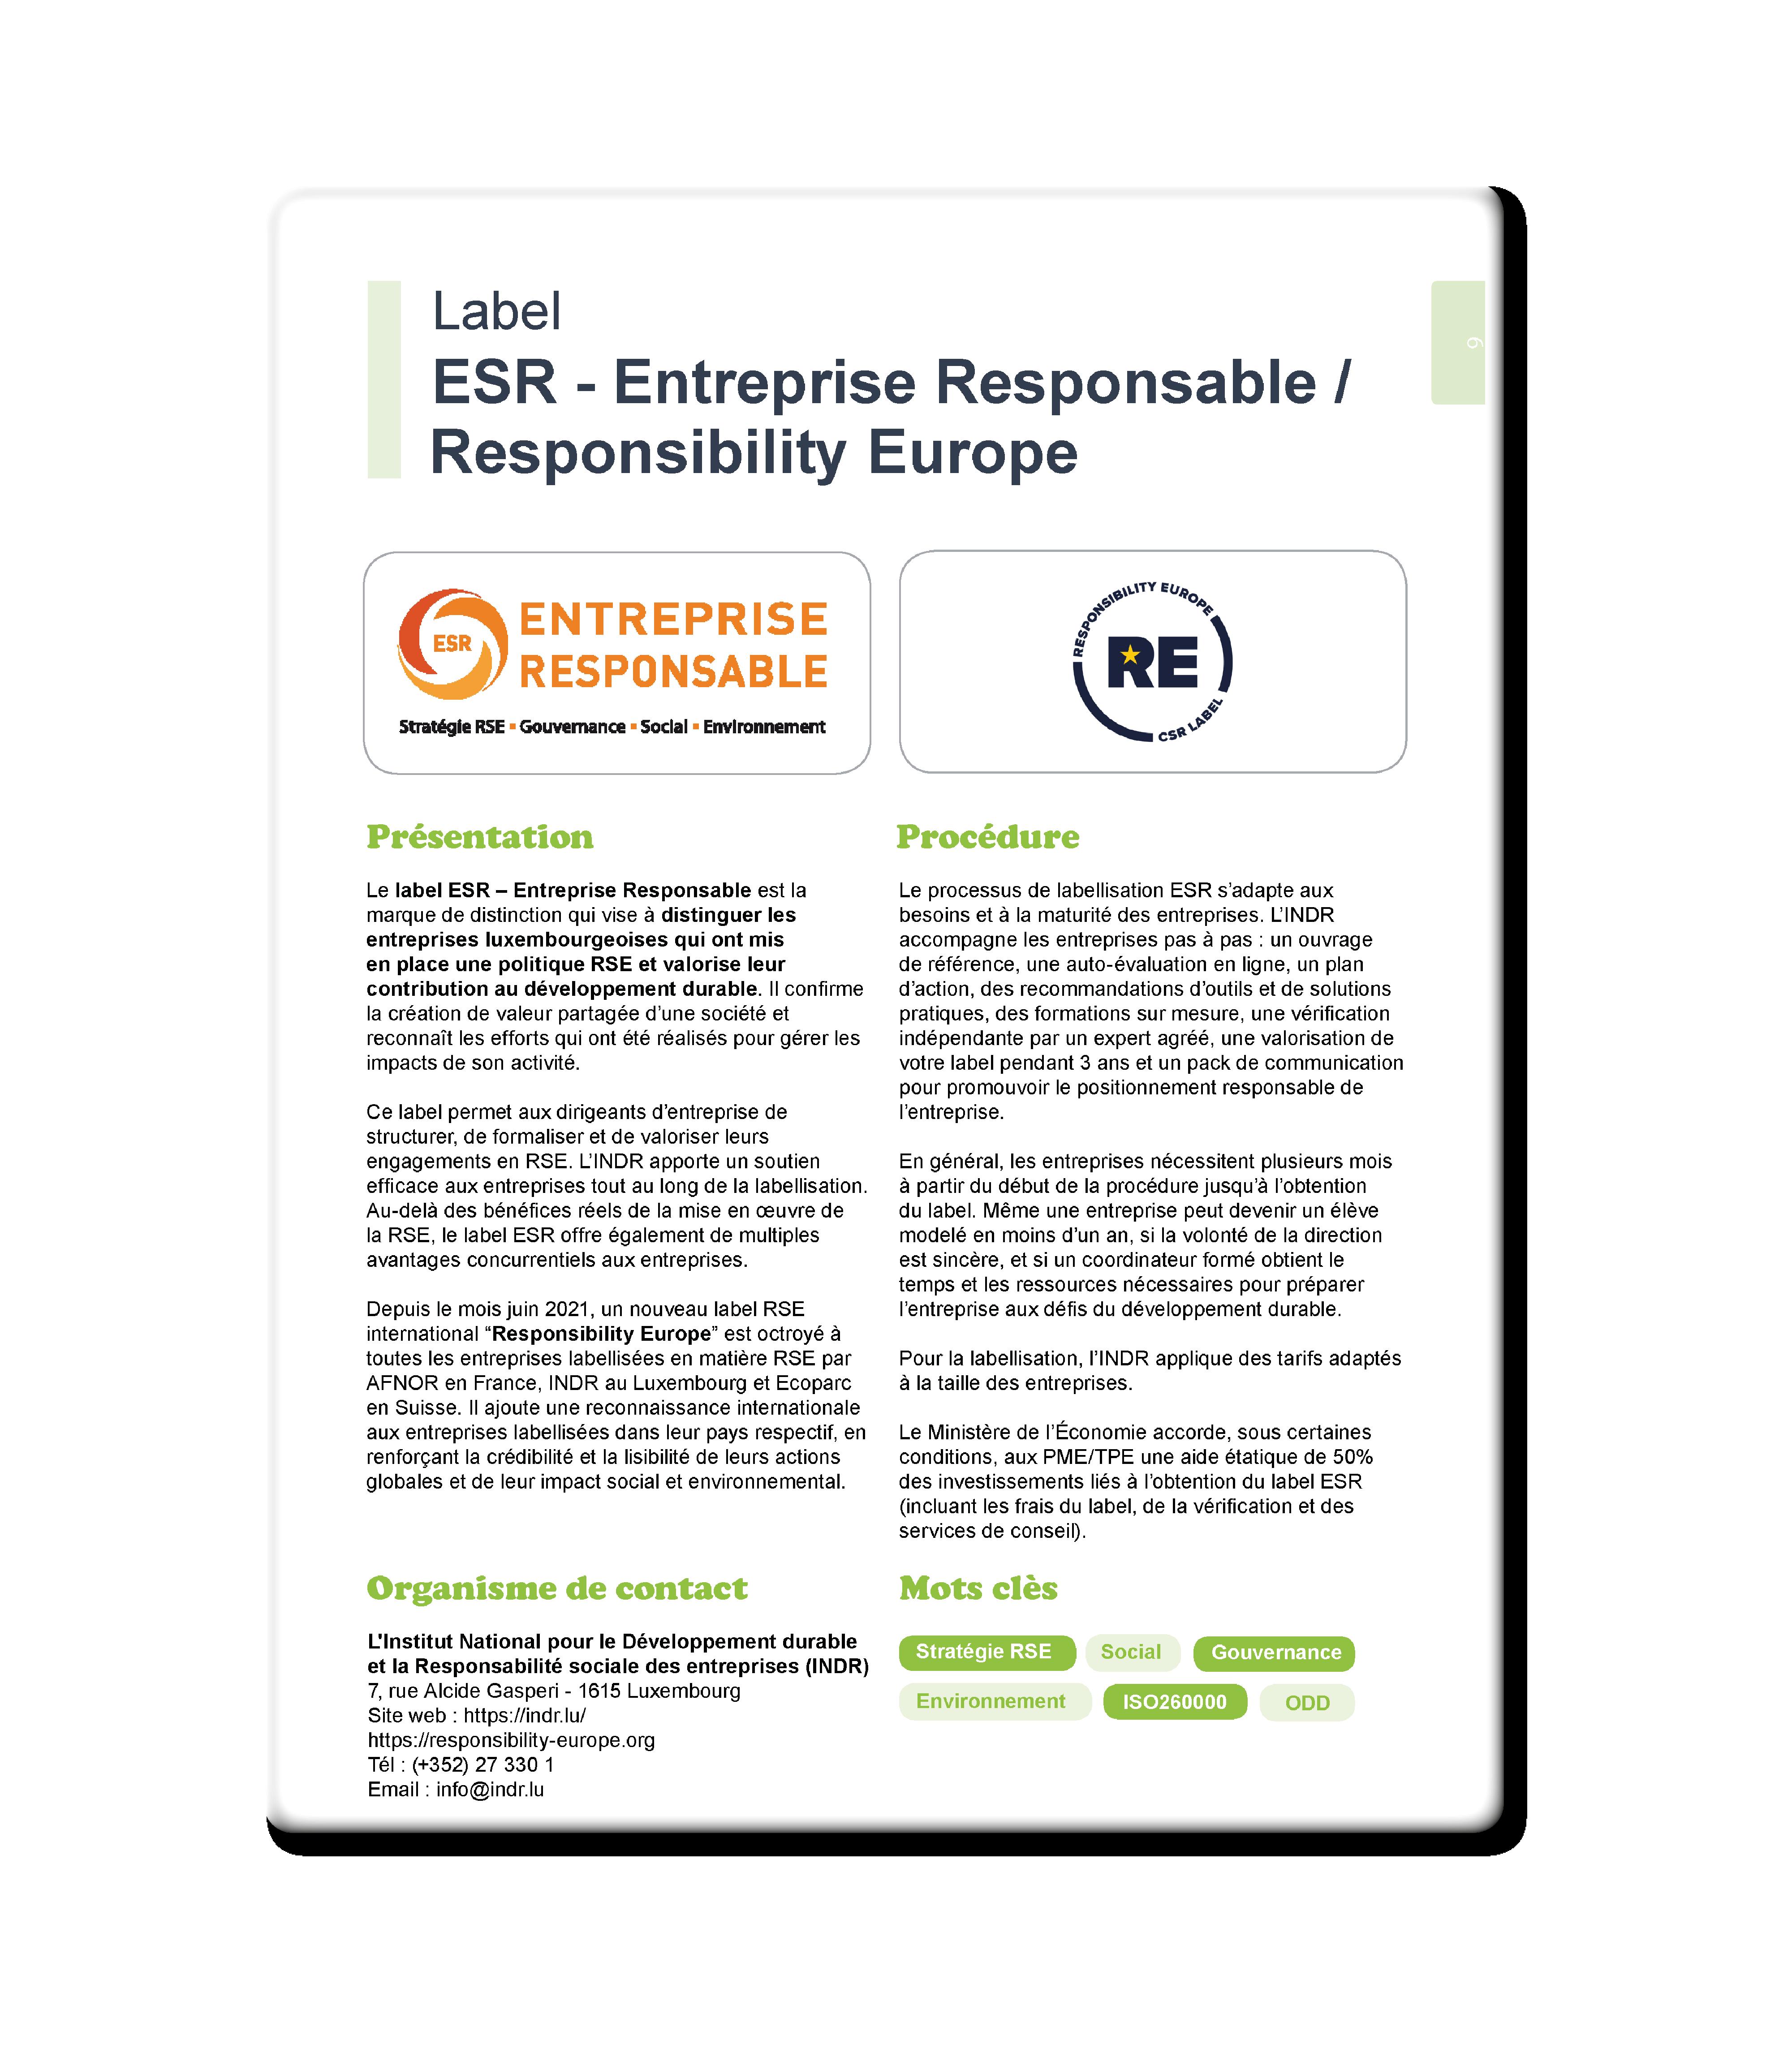 Label Entreprise Responsable 1 - Resources